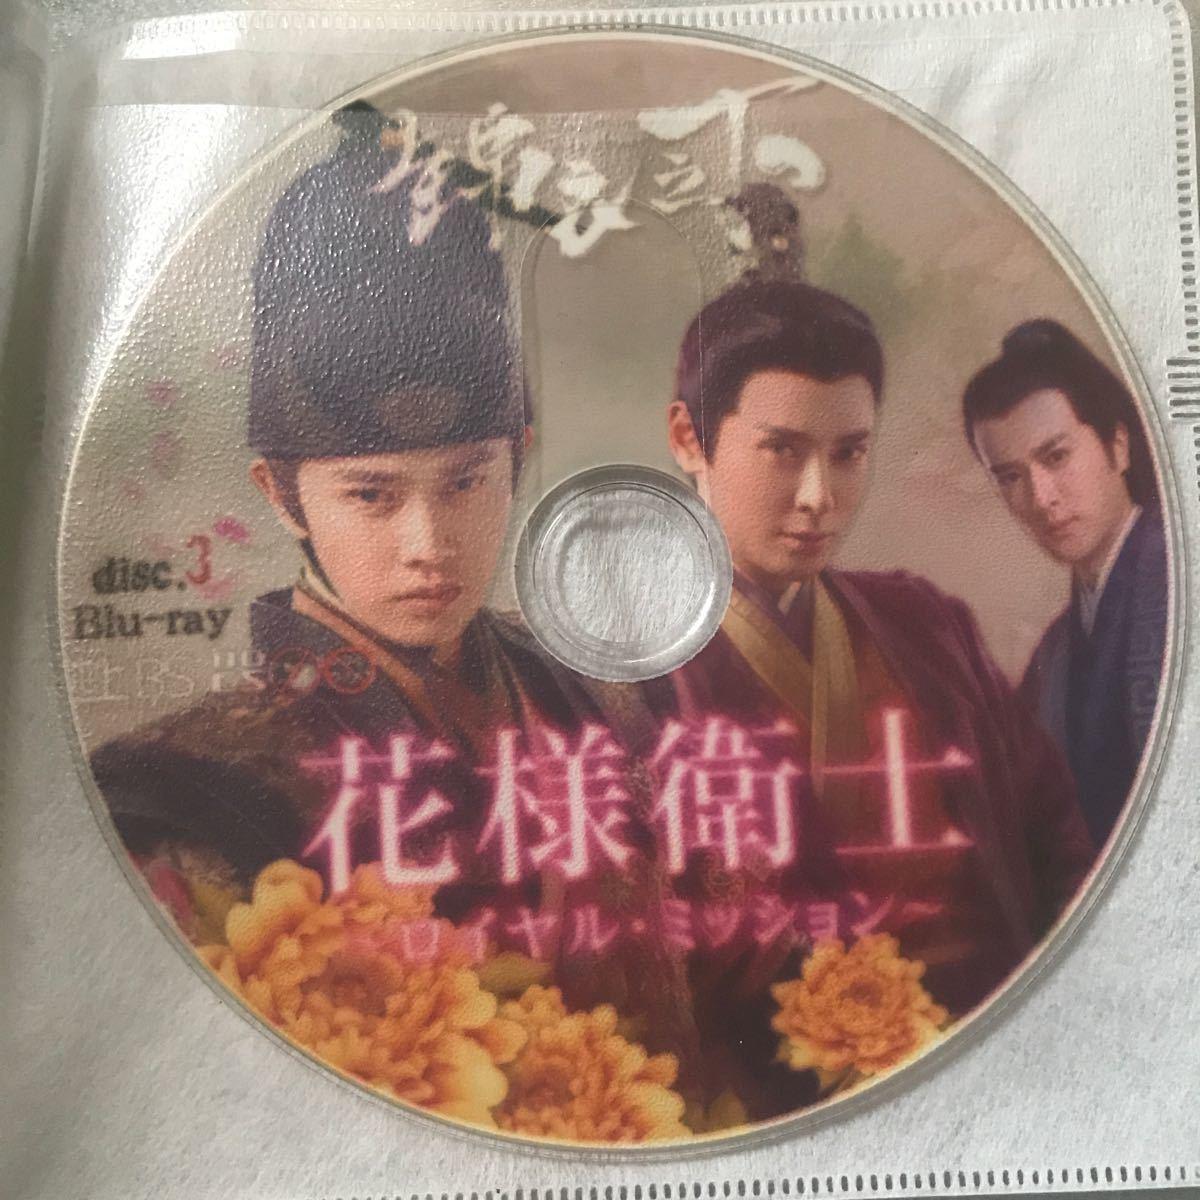 中国ドラマ『花様衛士〜ロイヤル・ミッション〜』全話 ブルーレイ Blu ray